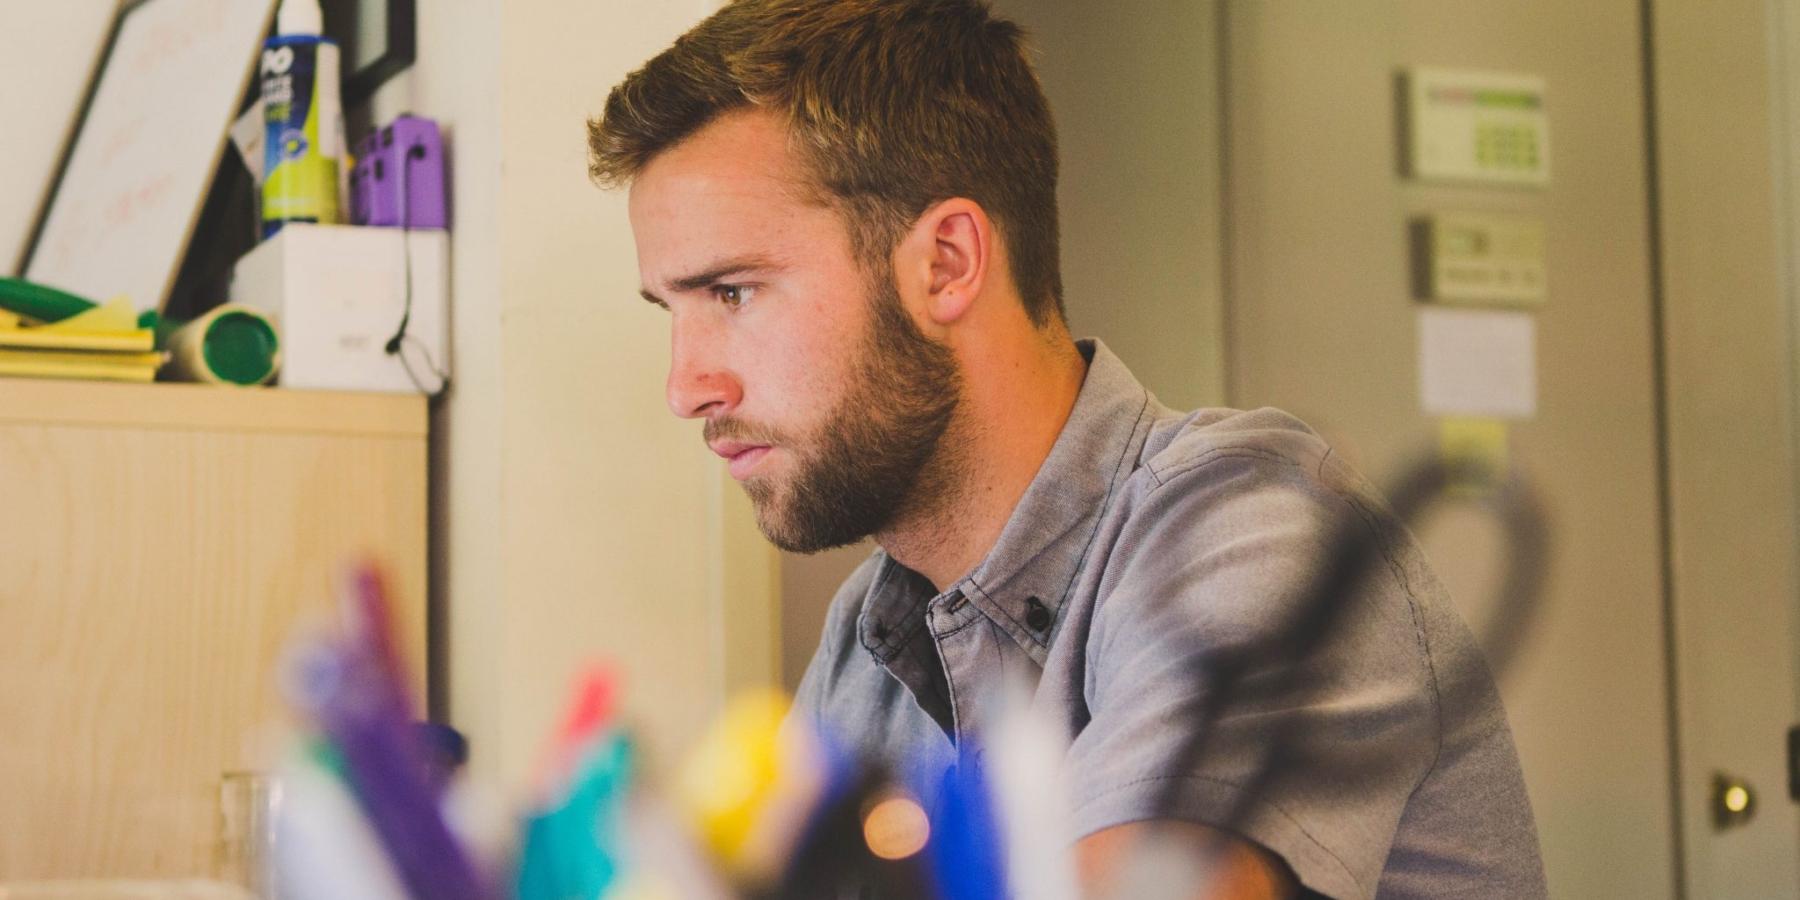 Content marekting dla startupów: Podstawy tworzenia idystrybucji treści [PORADNIK]